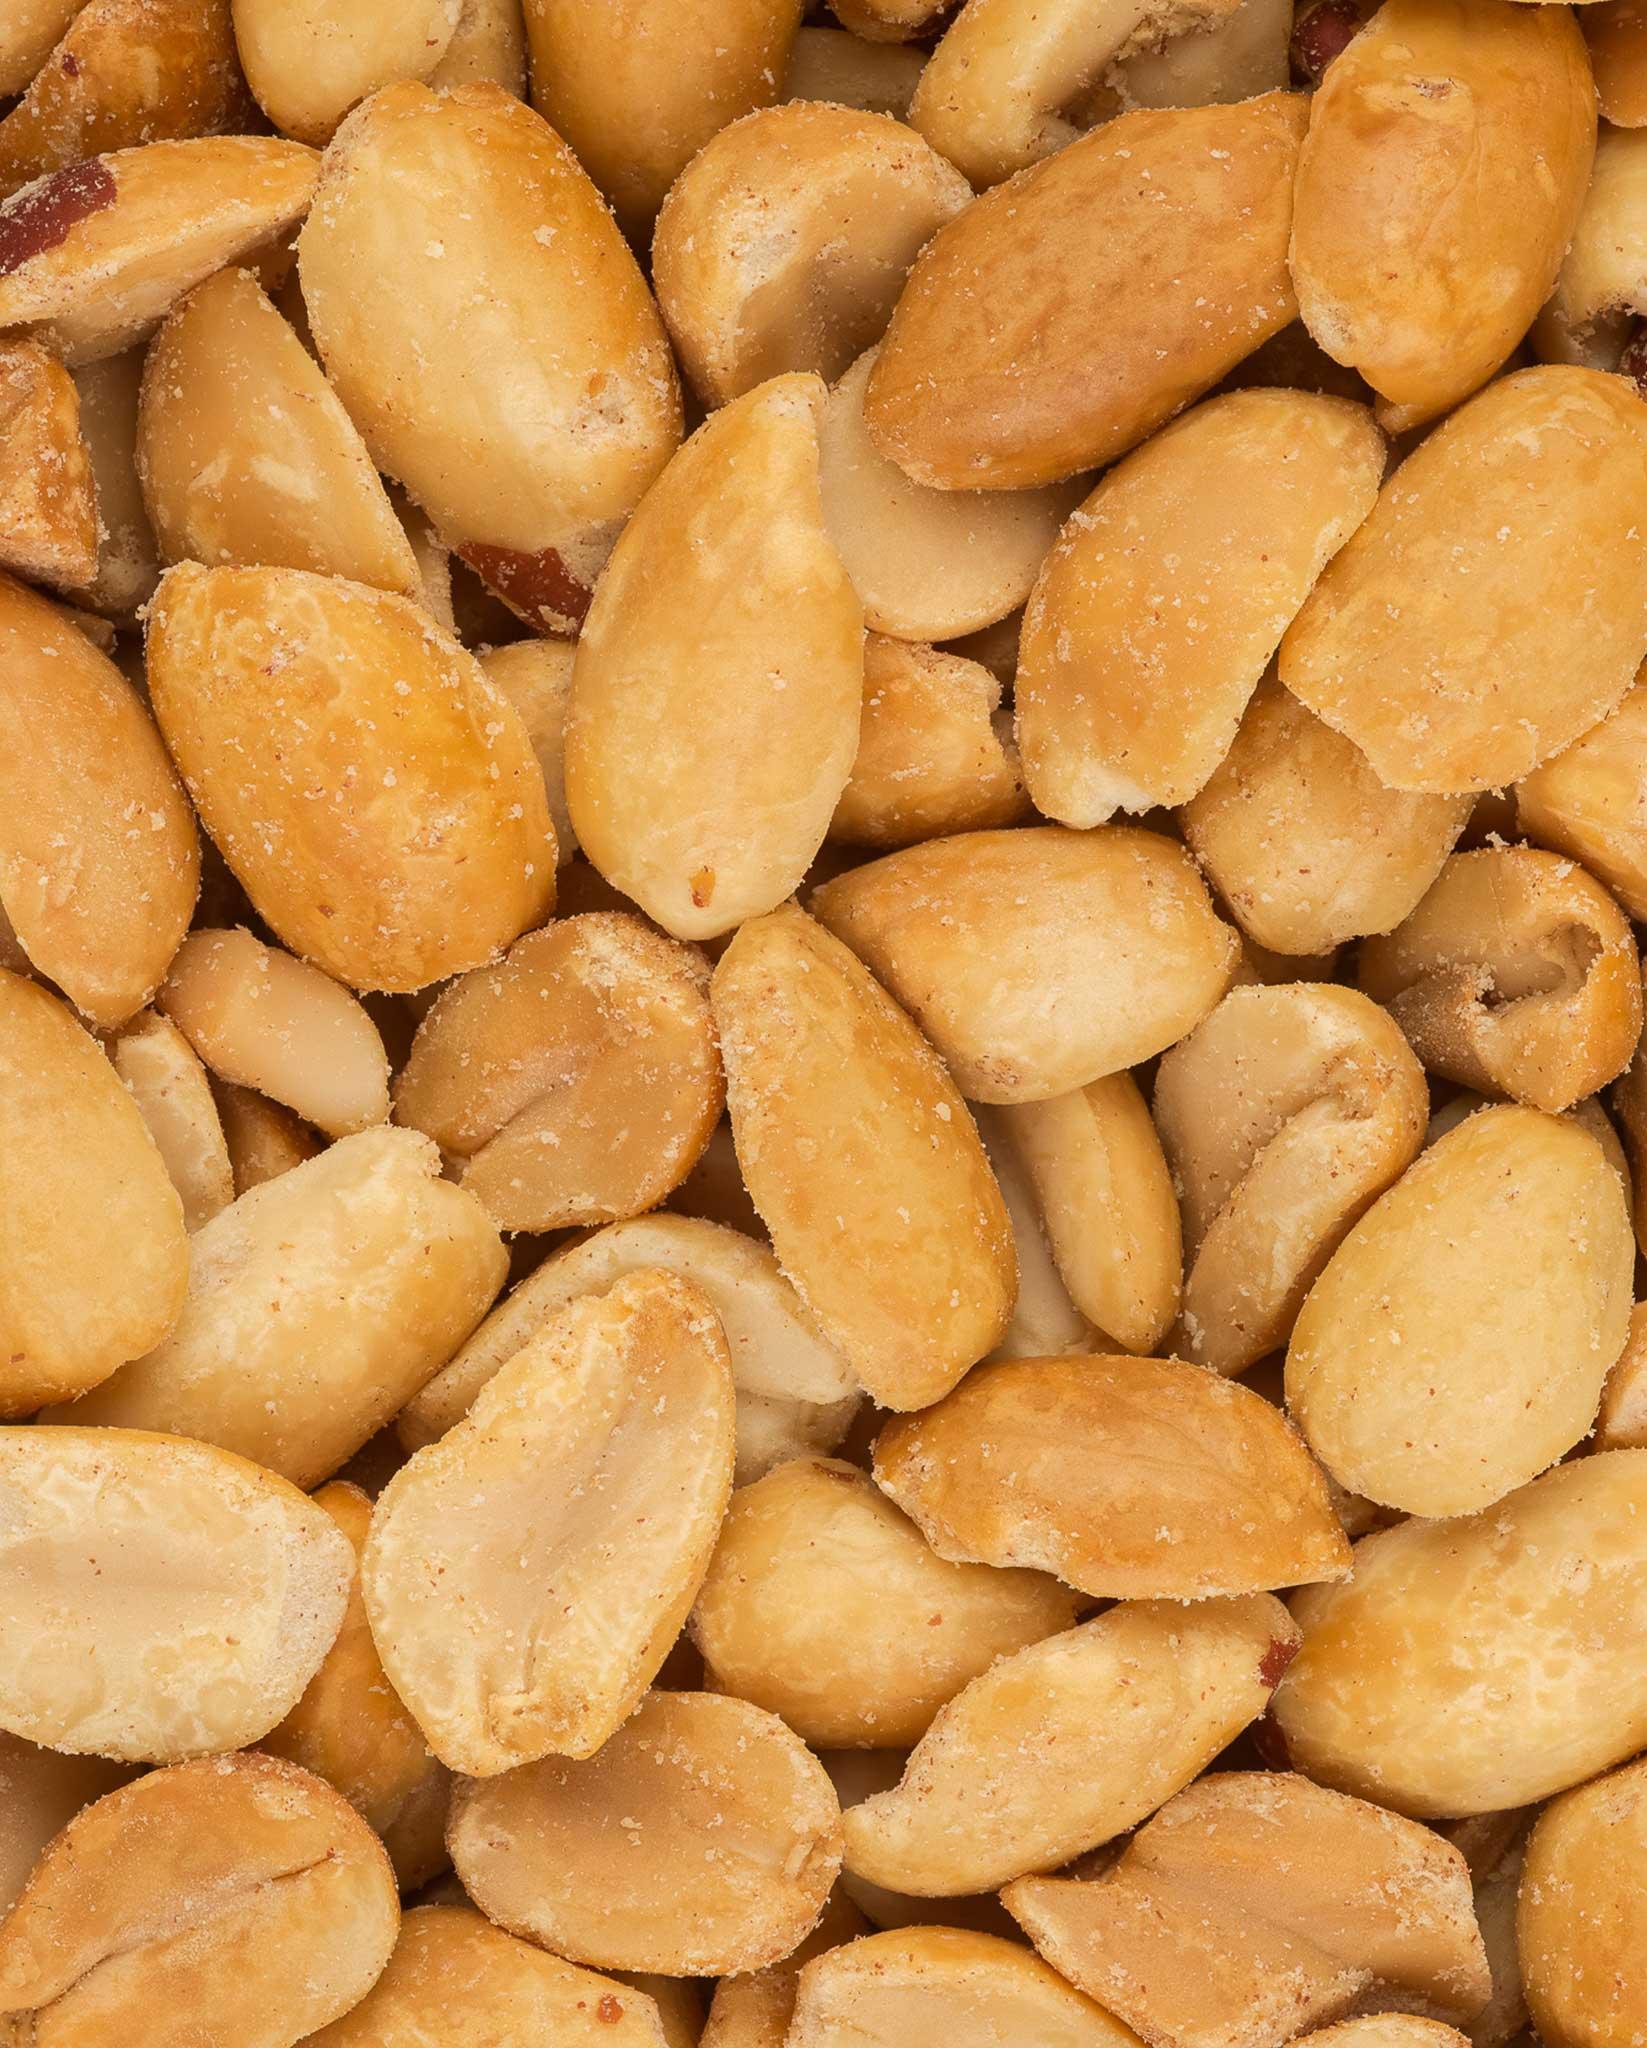 Peanuts-(Vertical)